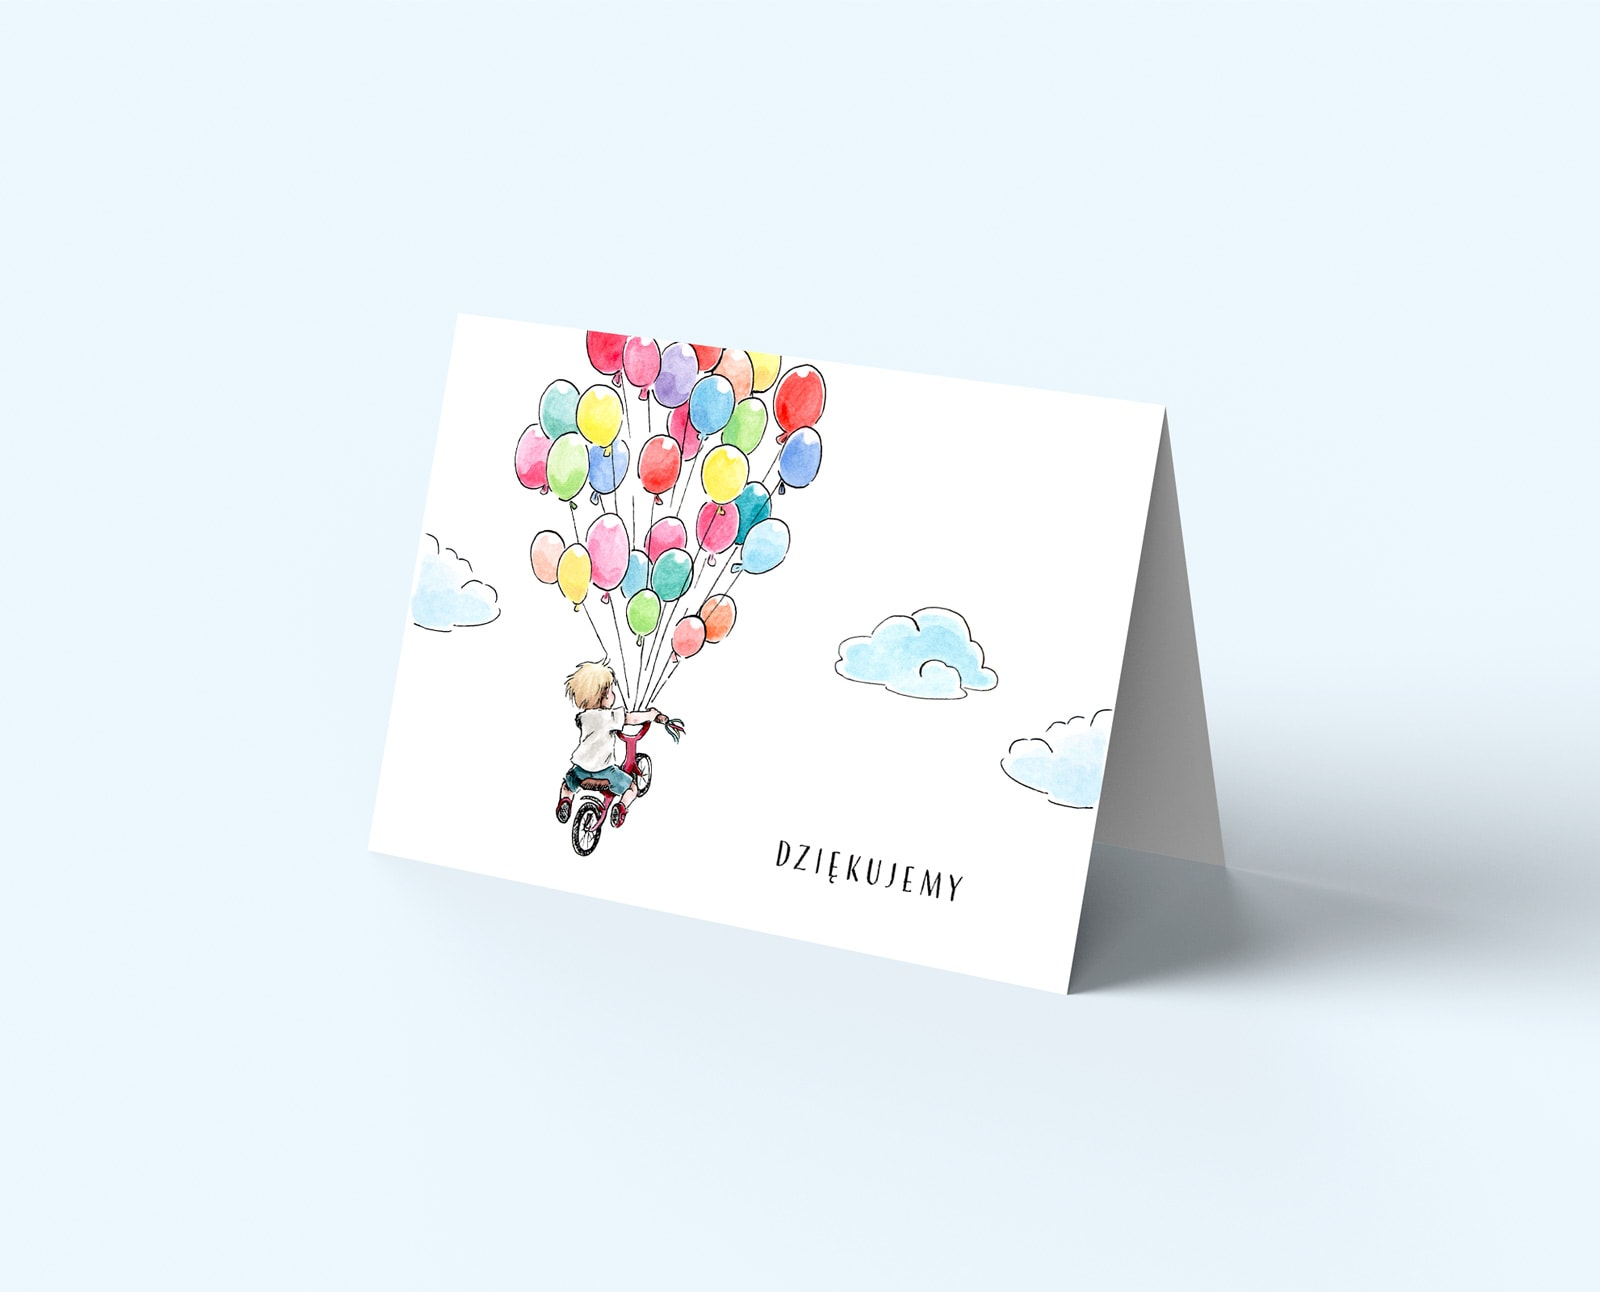 Kartki do wypisania podziękowań dla gości, chłopiec na rowerku z balonami